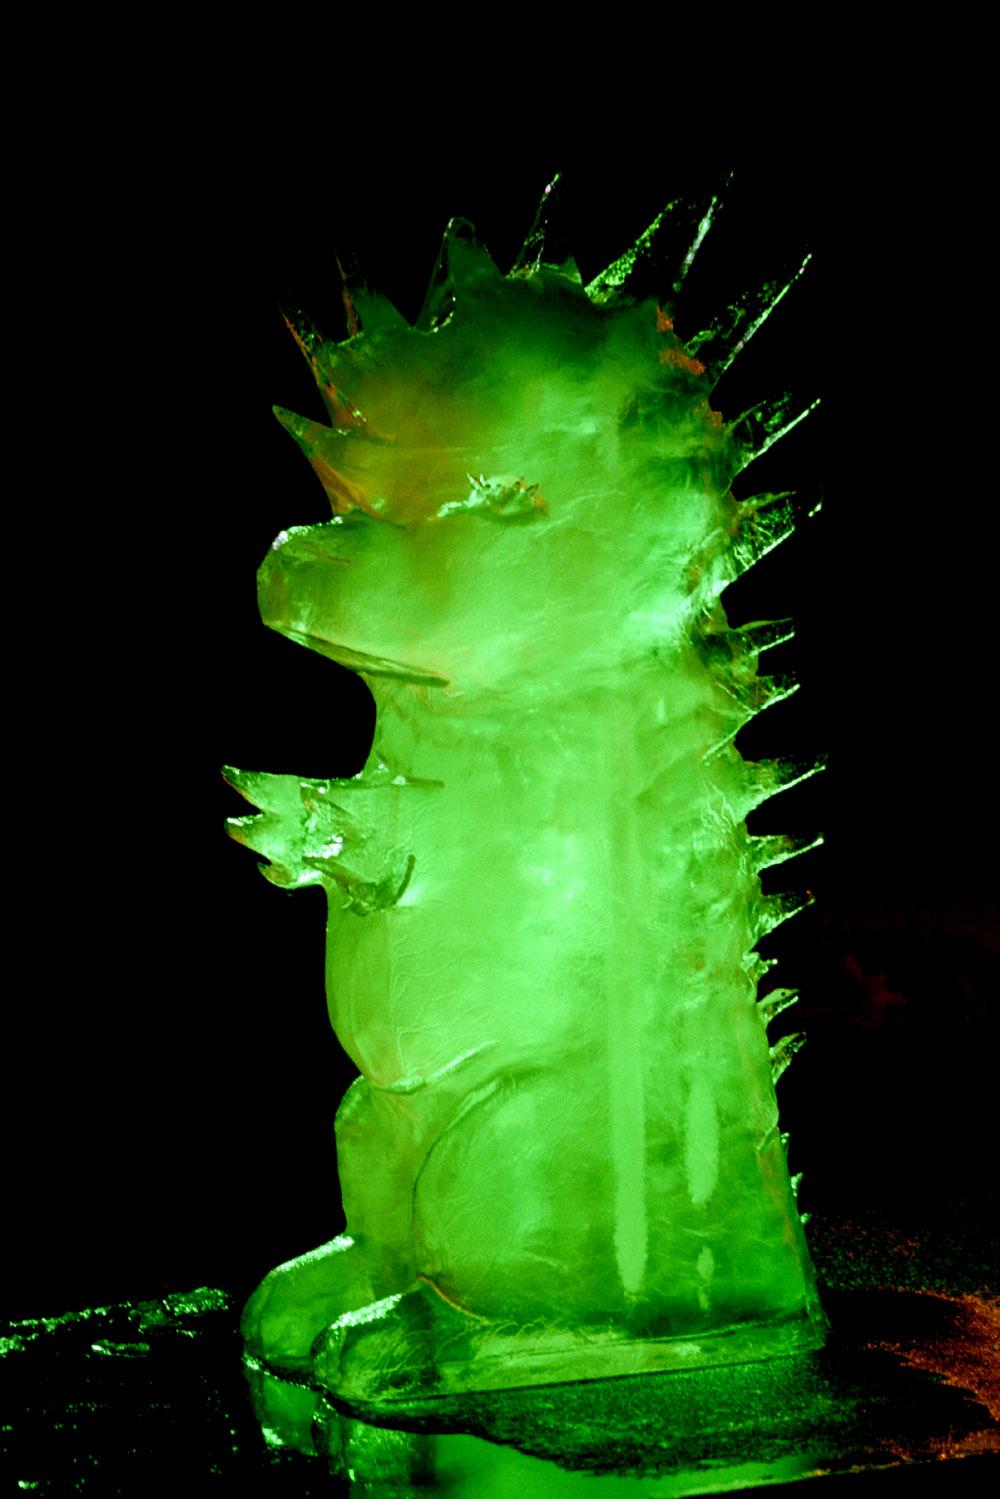 Ice Cube II - Green Dragon